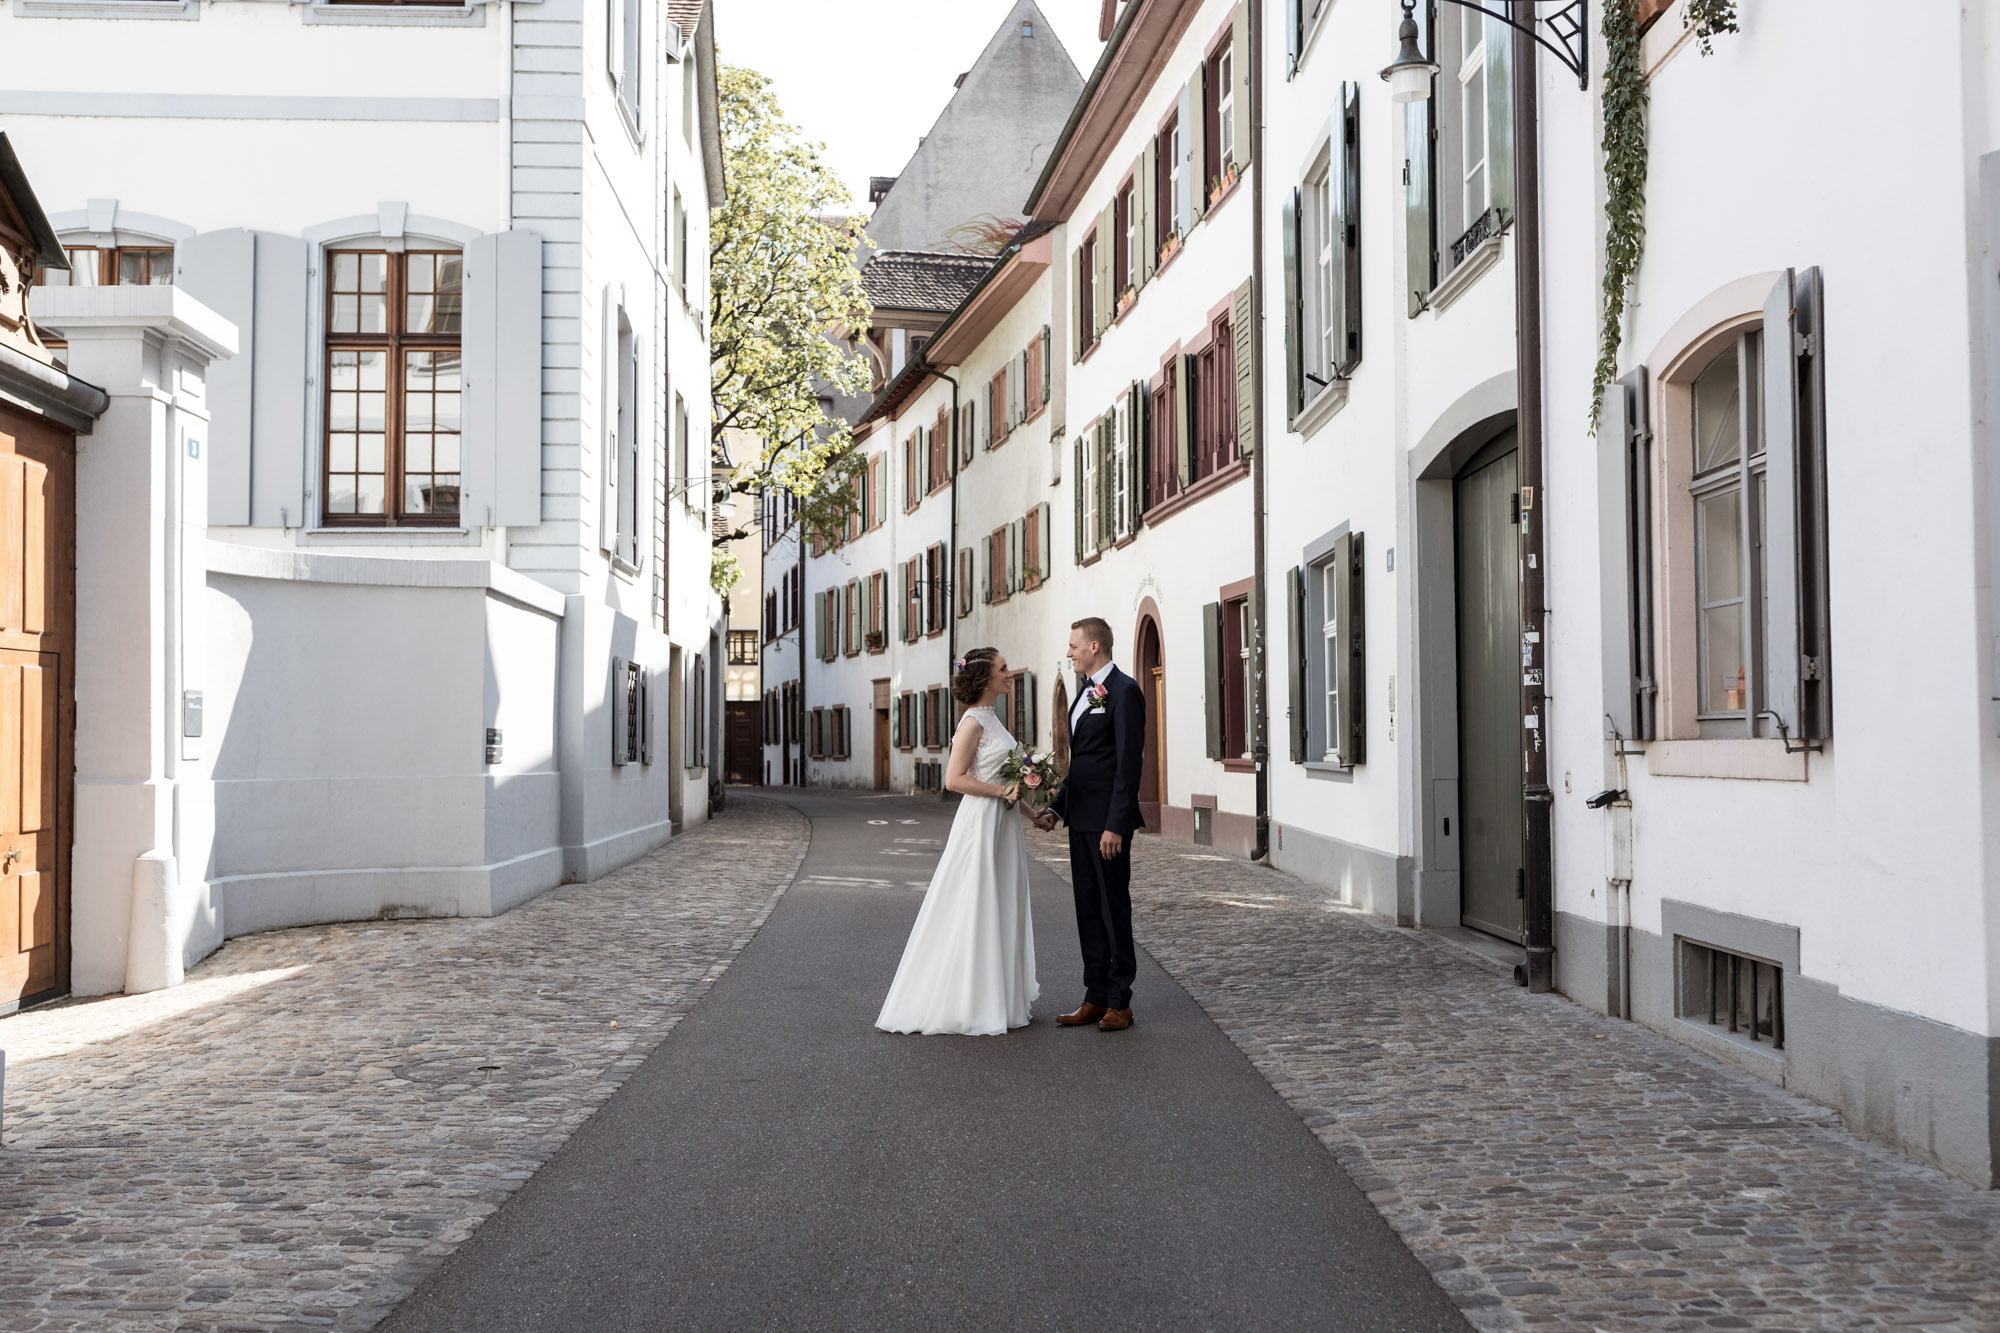 Brautpaar Fotoshooting in der schönen Altstadt von Basel - Hochzeitsfotografin Basel